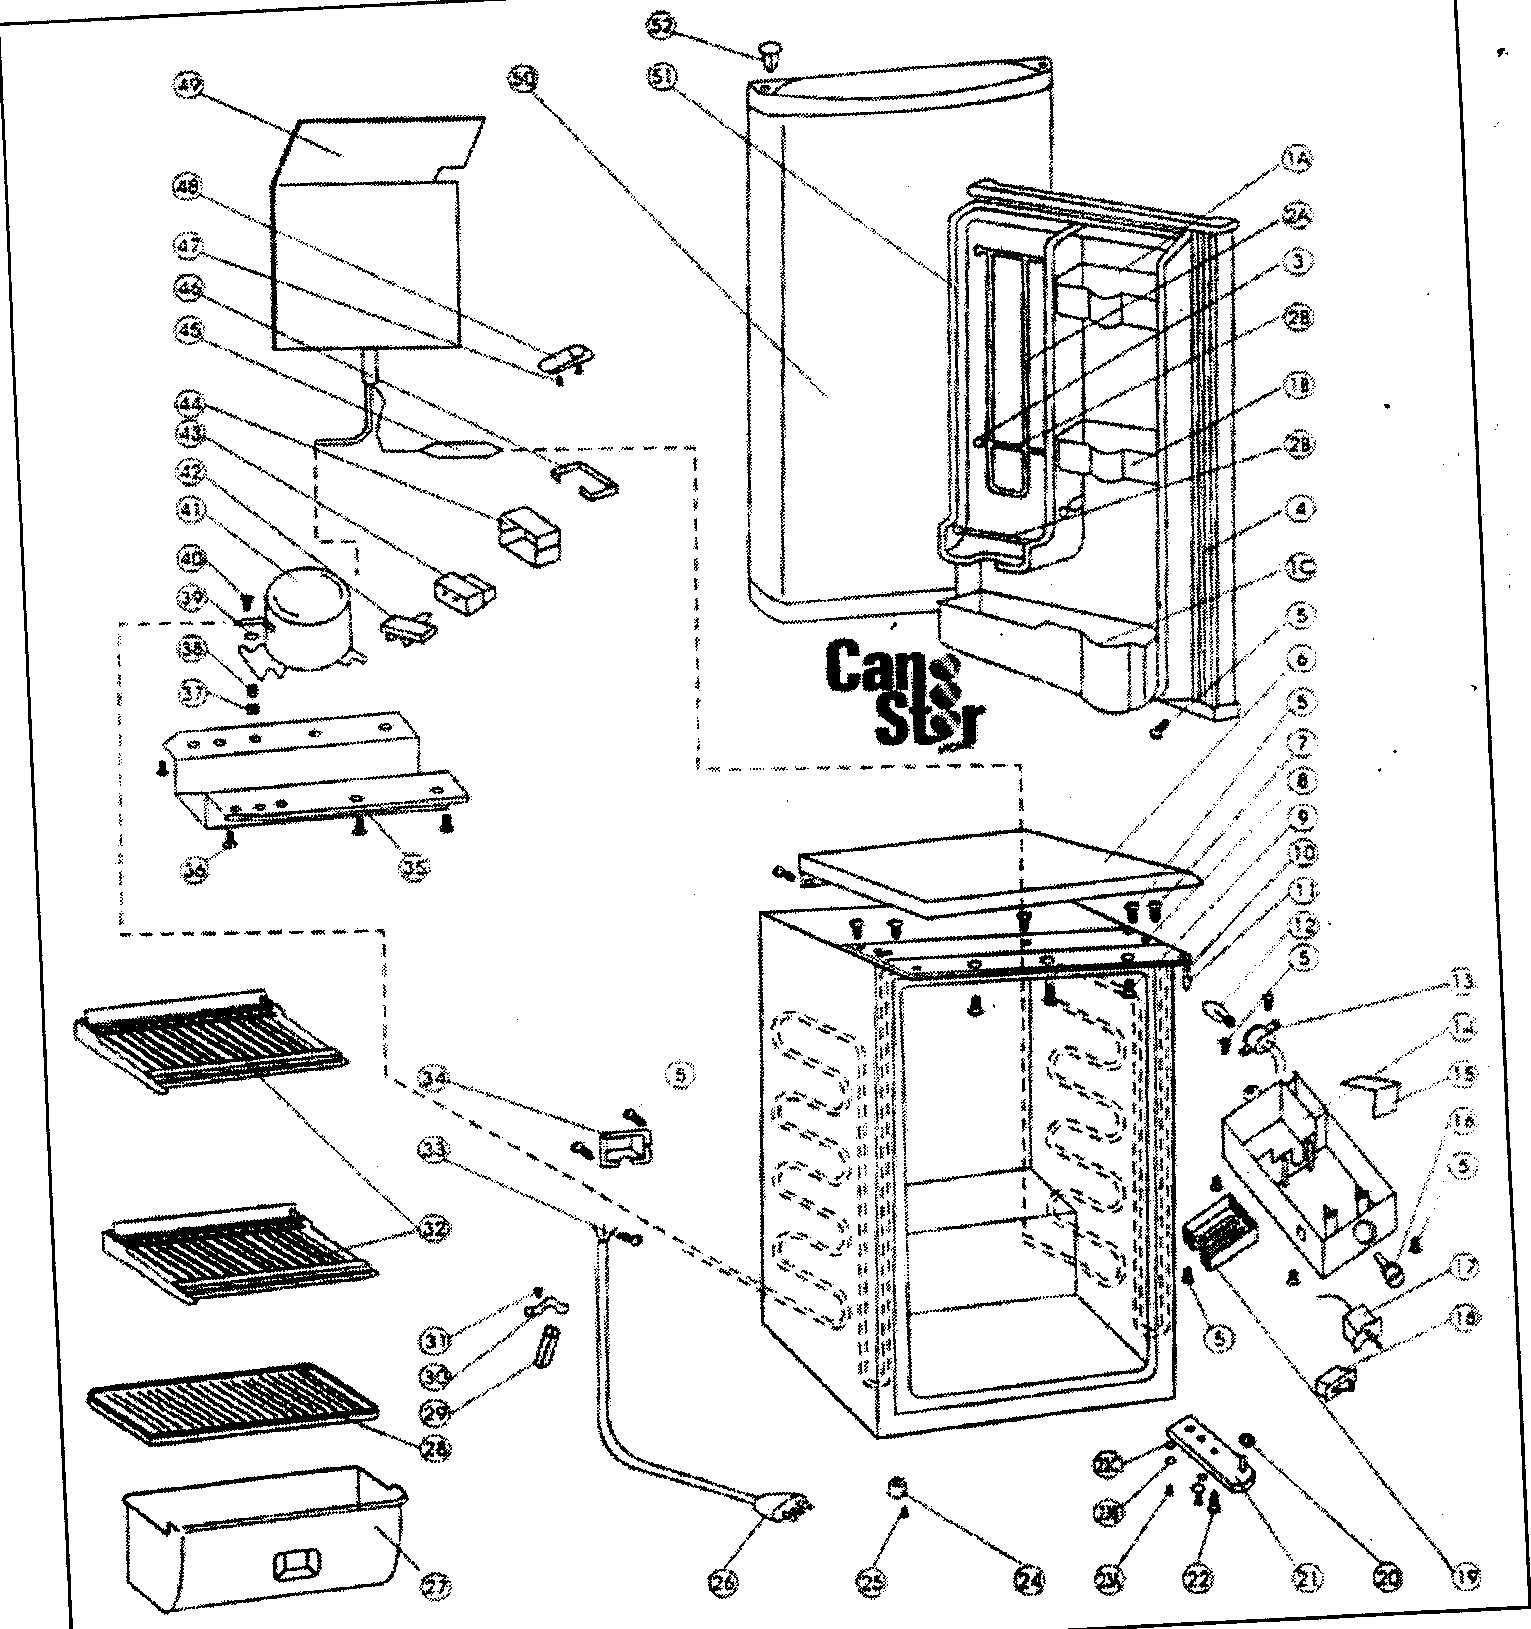 Danby Kegerator Parts Diagram Looking for Danby Model Dar452bl Pact Refrigerator Repair Of Danby Kegerator Parts Diagram